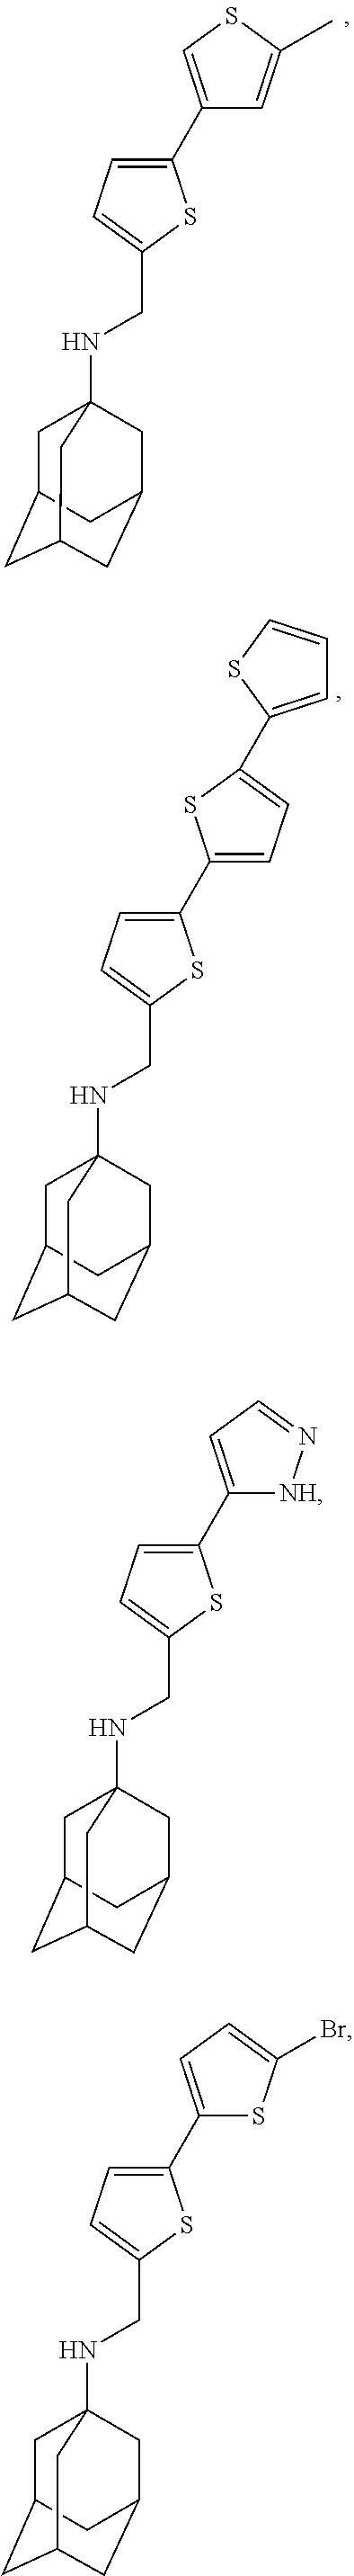 Figure US09884832-20180206-C00062